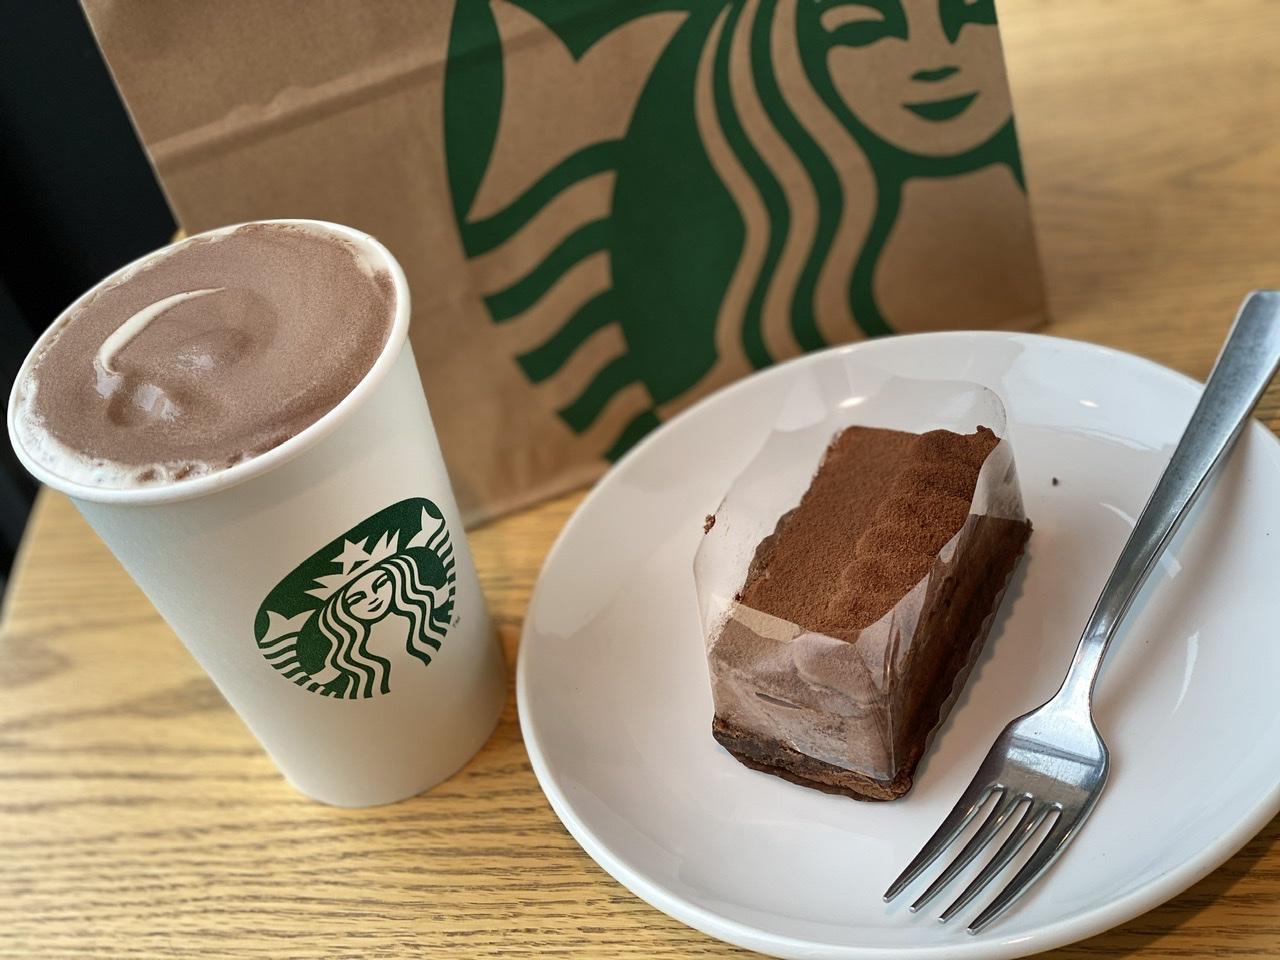 【スタバ】絶対食べたい!新作バレンタインケーキ《デザート ザ ショコラ》が超絶美味♡_6